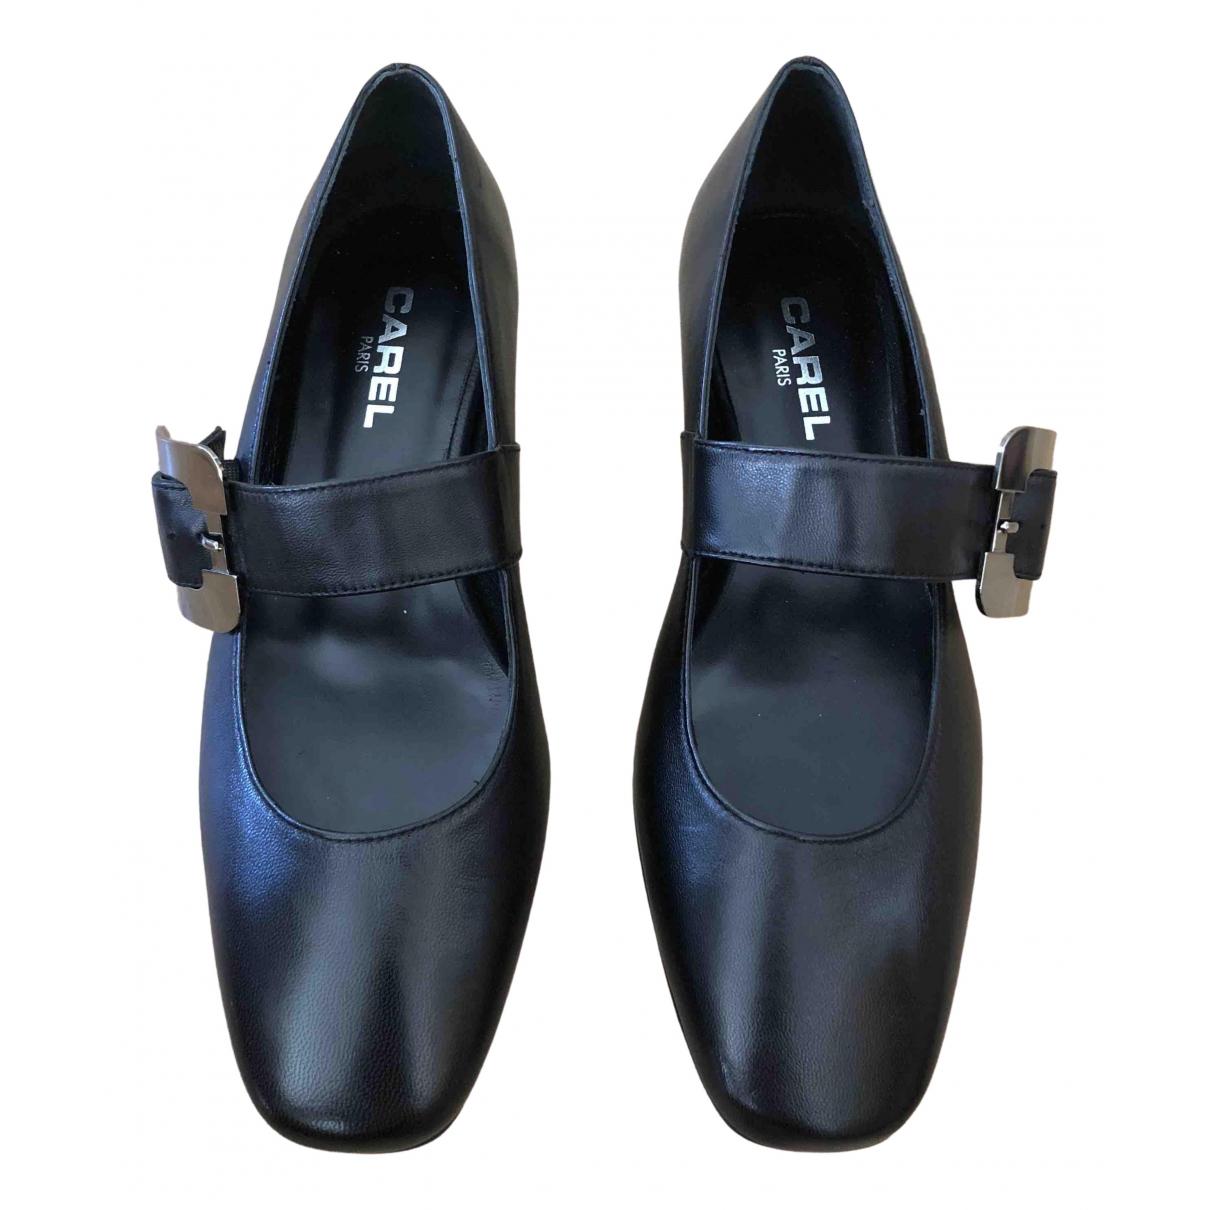 Carel - Ballerines   pour femme en cuir - noir